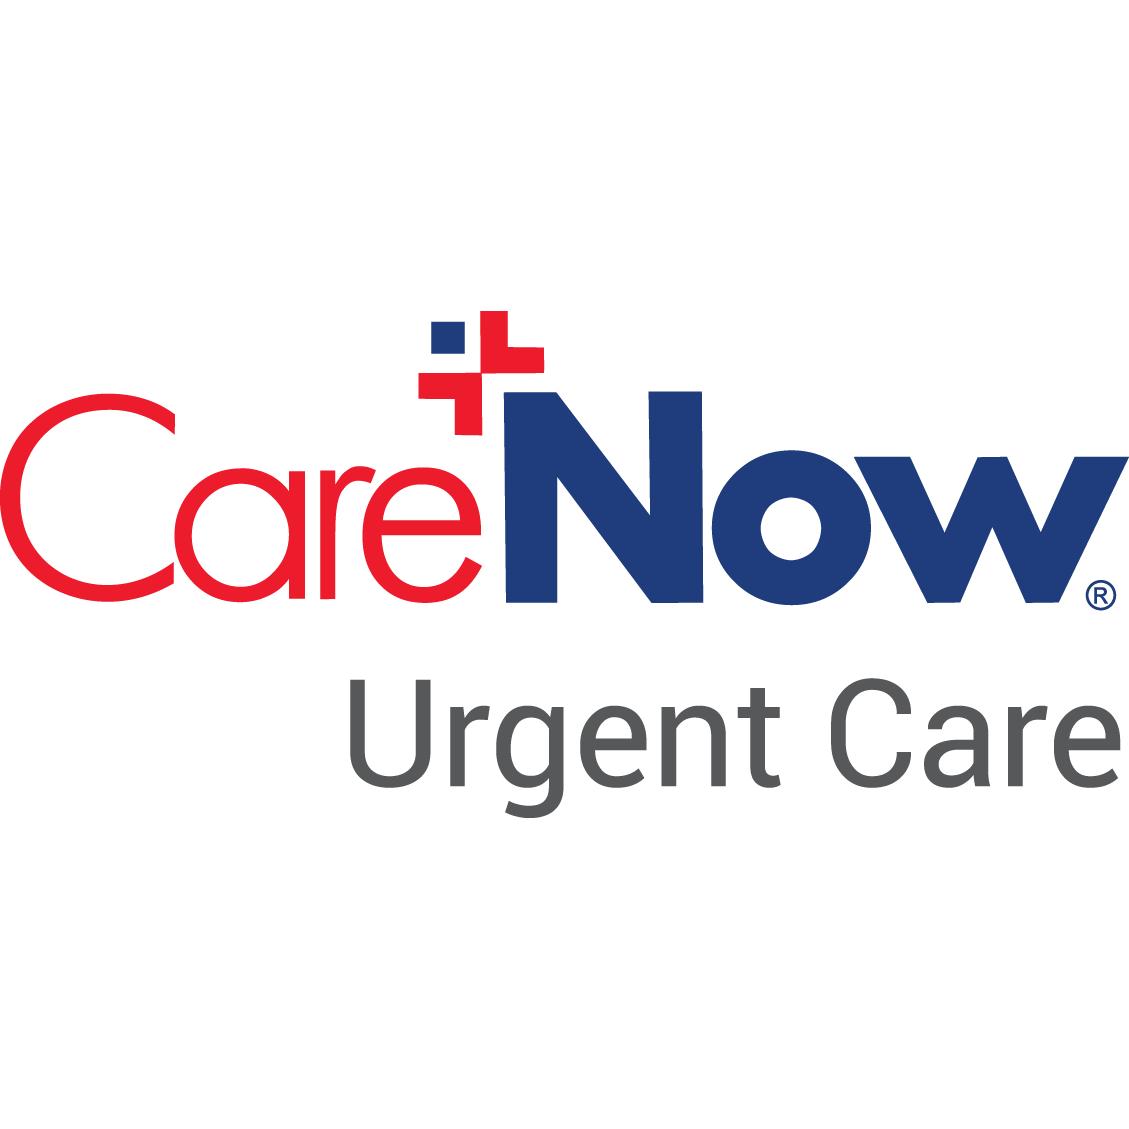 carenow logo.png